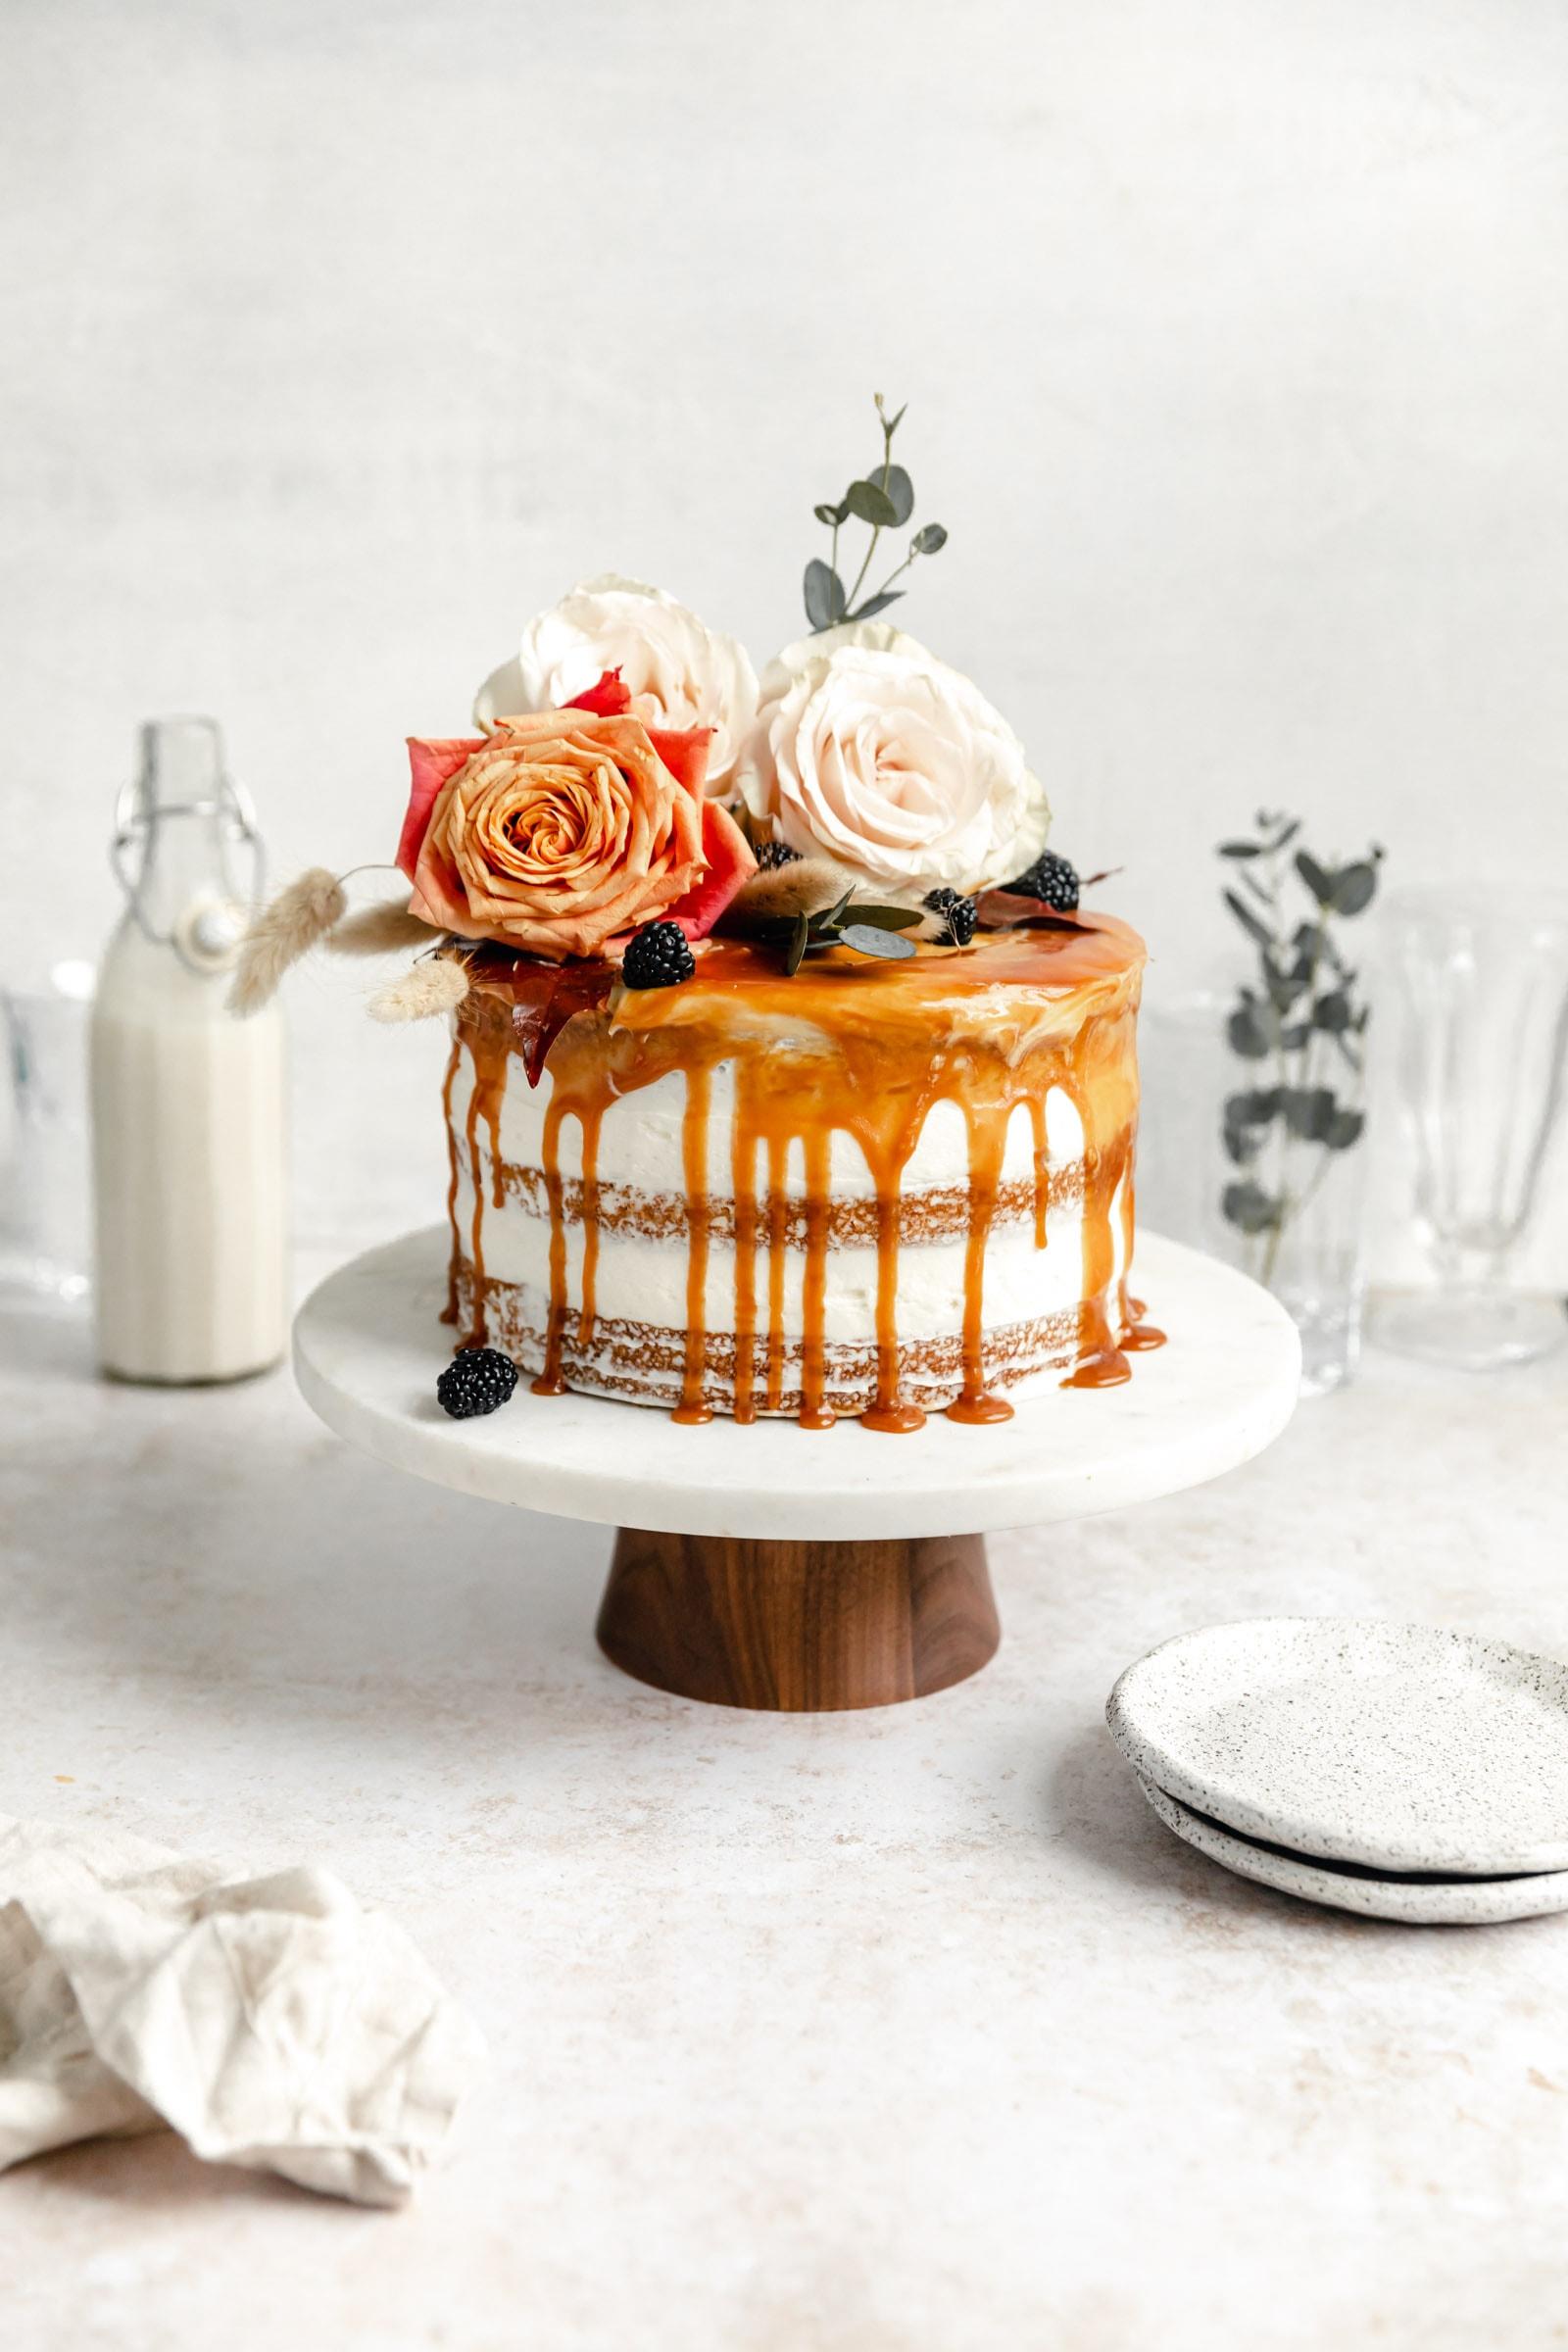 gâteau aux carottes à la cardamome